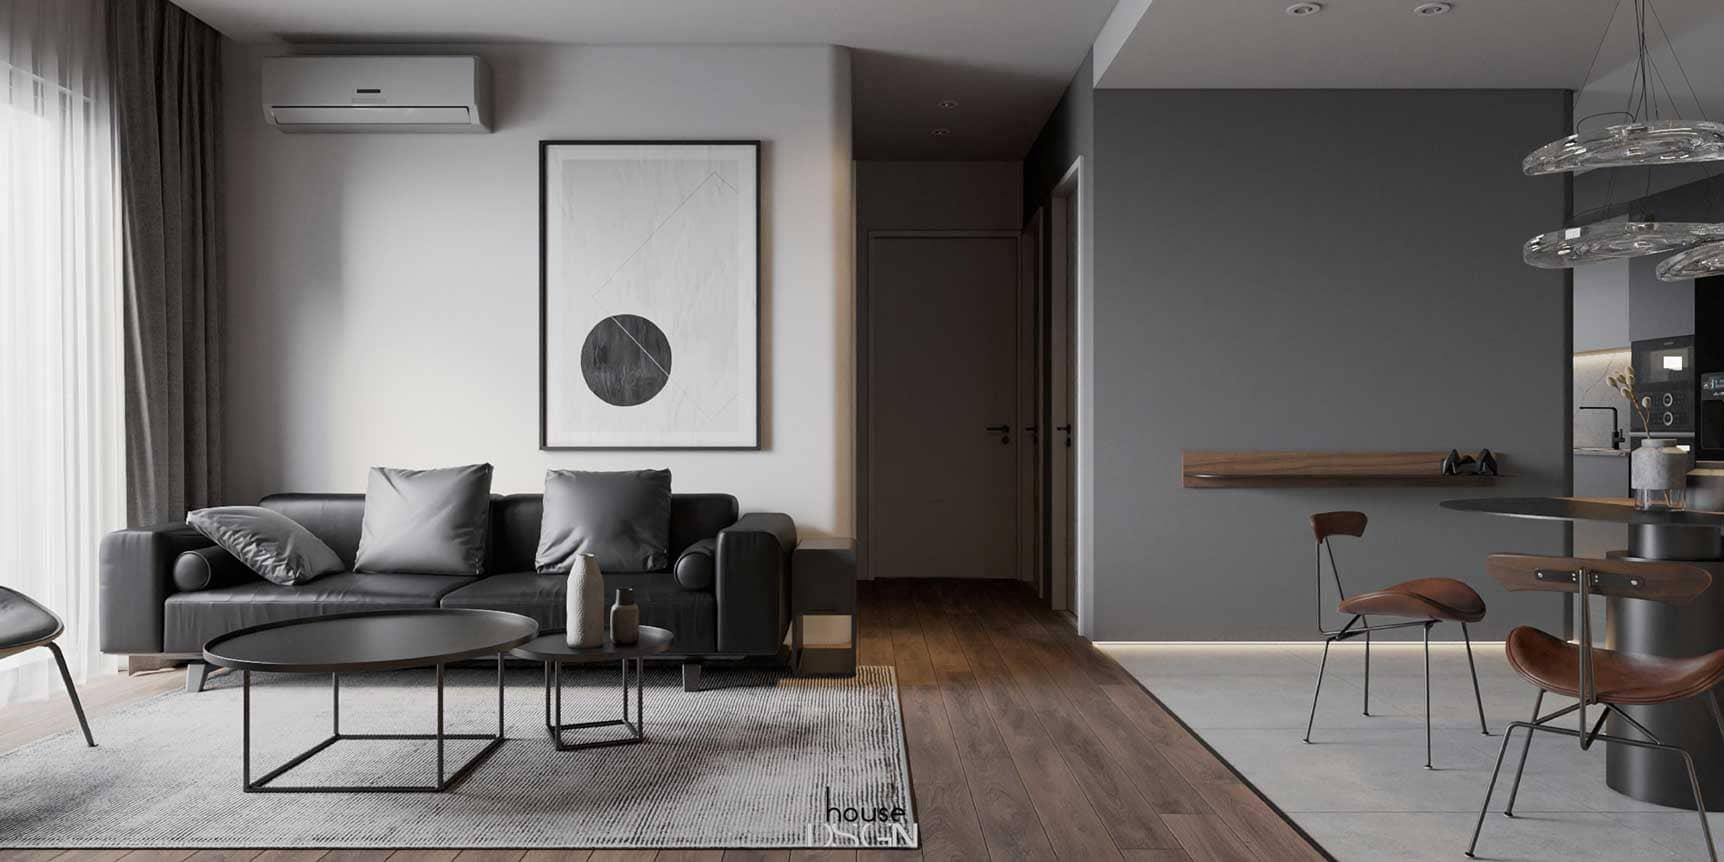 nội thất chung cư phòng khách - Housedesign